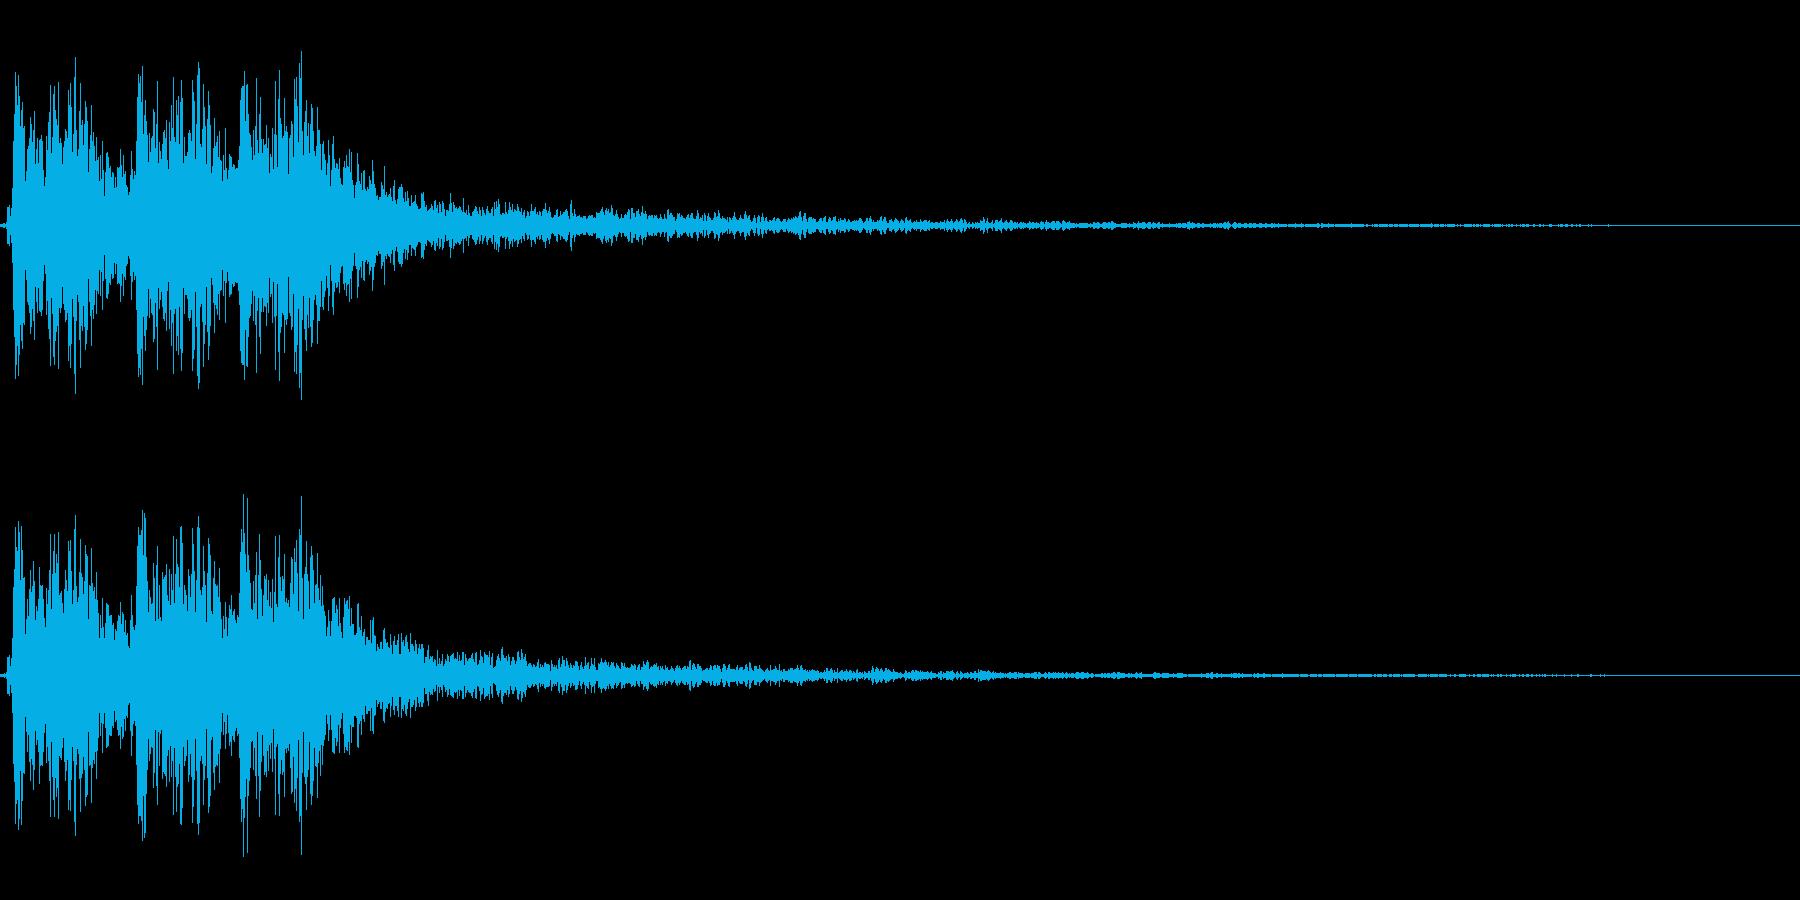 【打撃05-6】の再生済みの波形